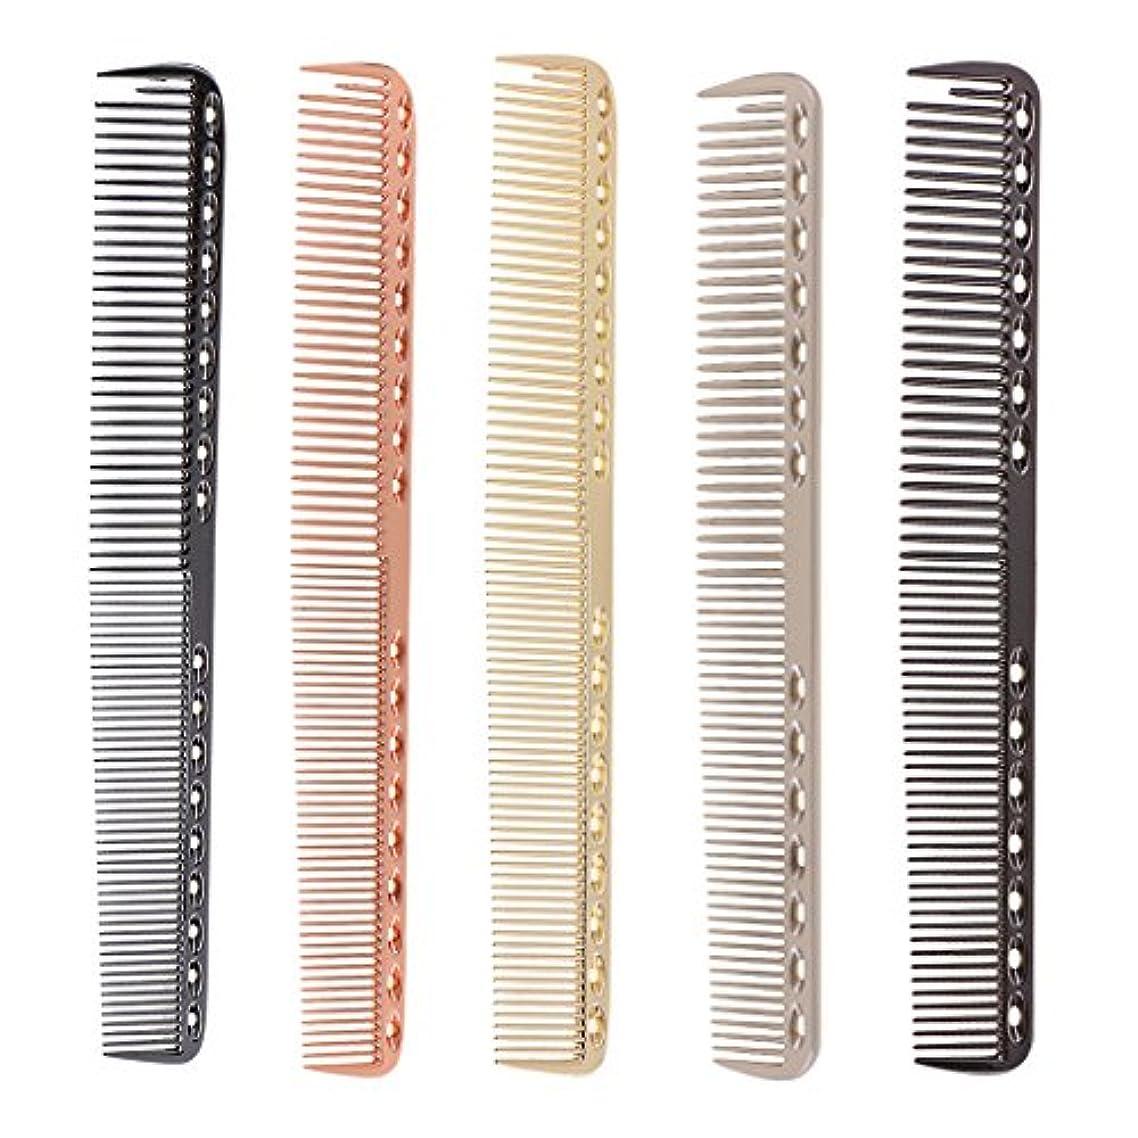 運賃シェアプロフィールKesoto 5個入り 髪の櫛 櫛 超軽量 アルミ サロン 理髪師 ヘアカット ヘアカッティング